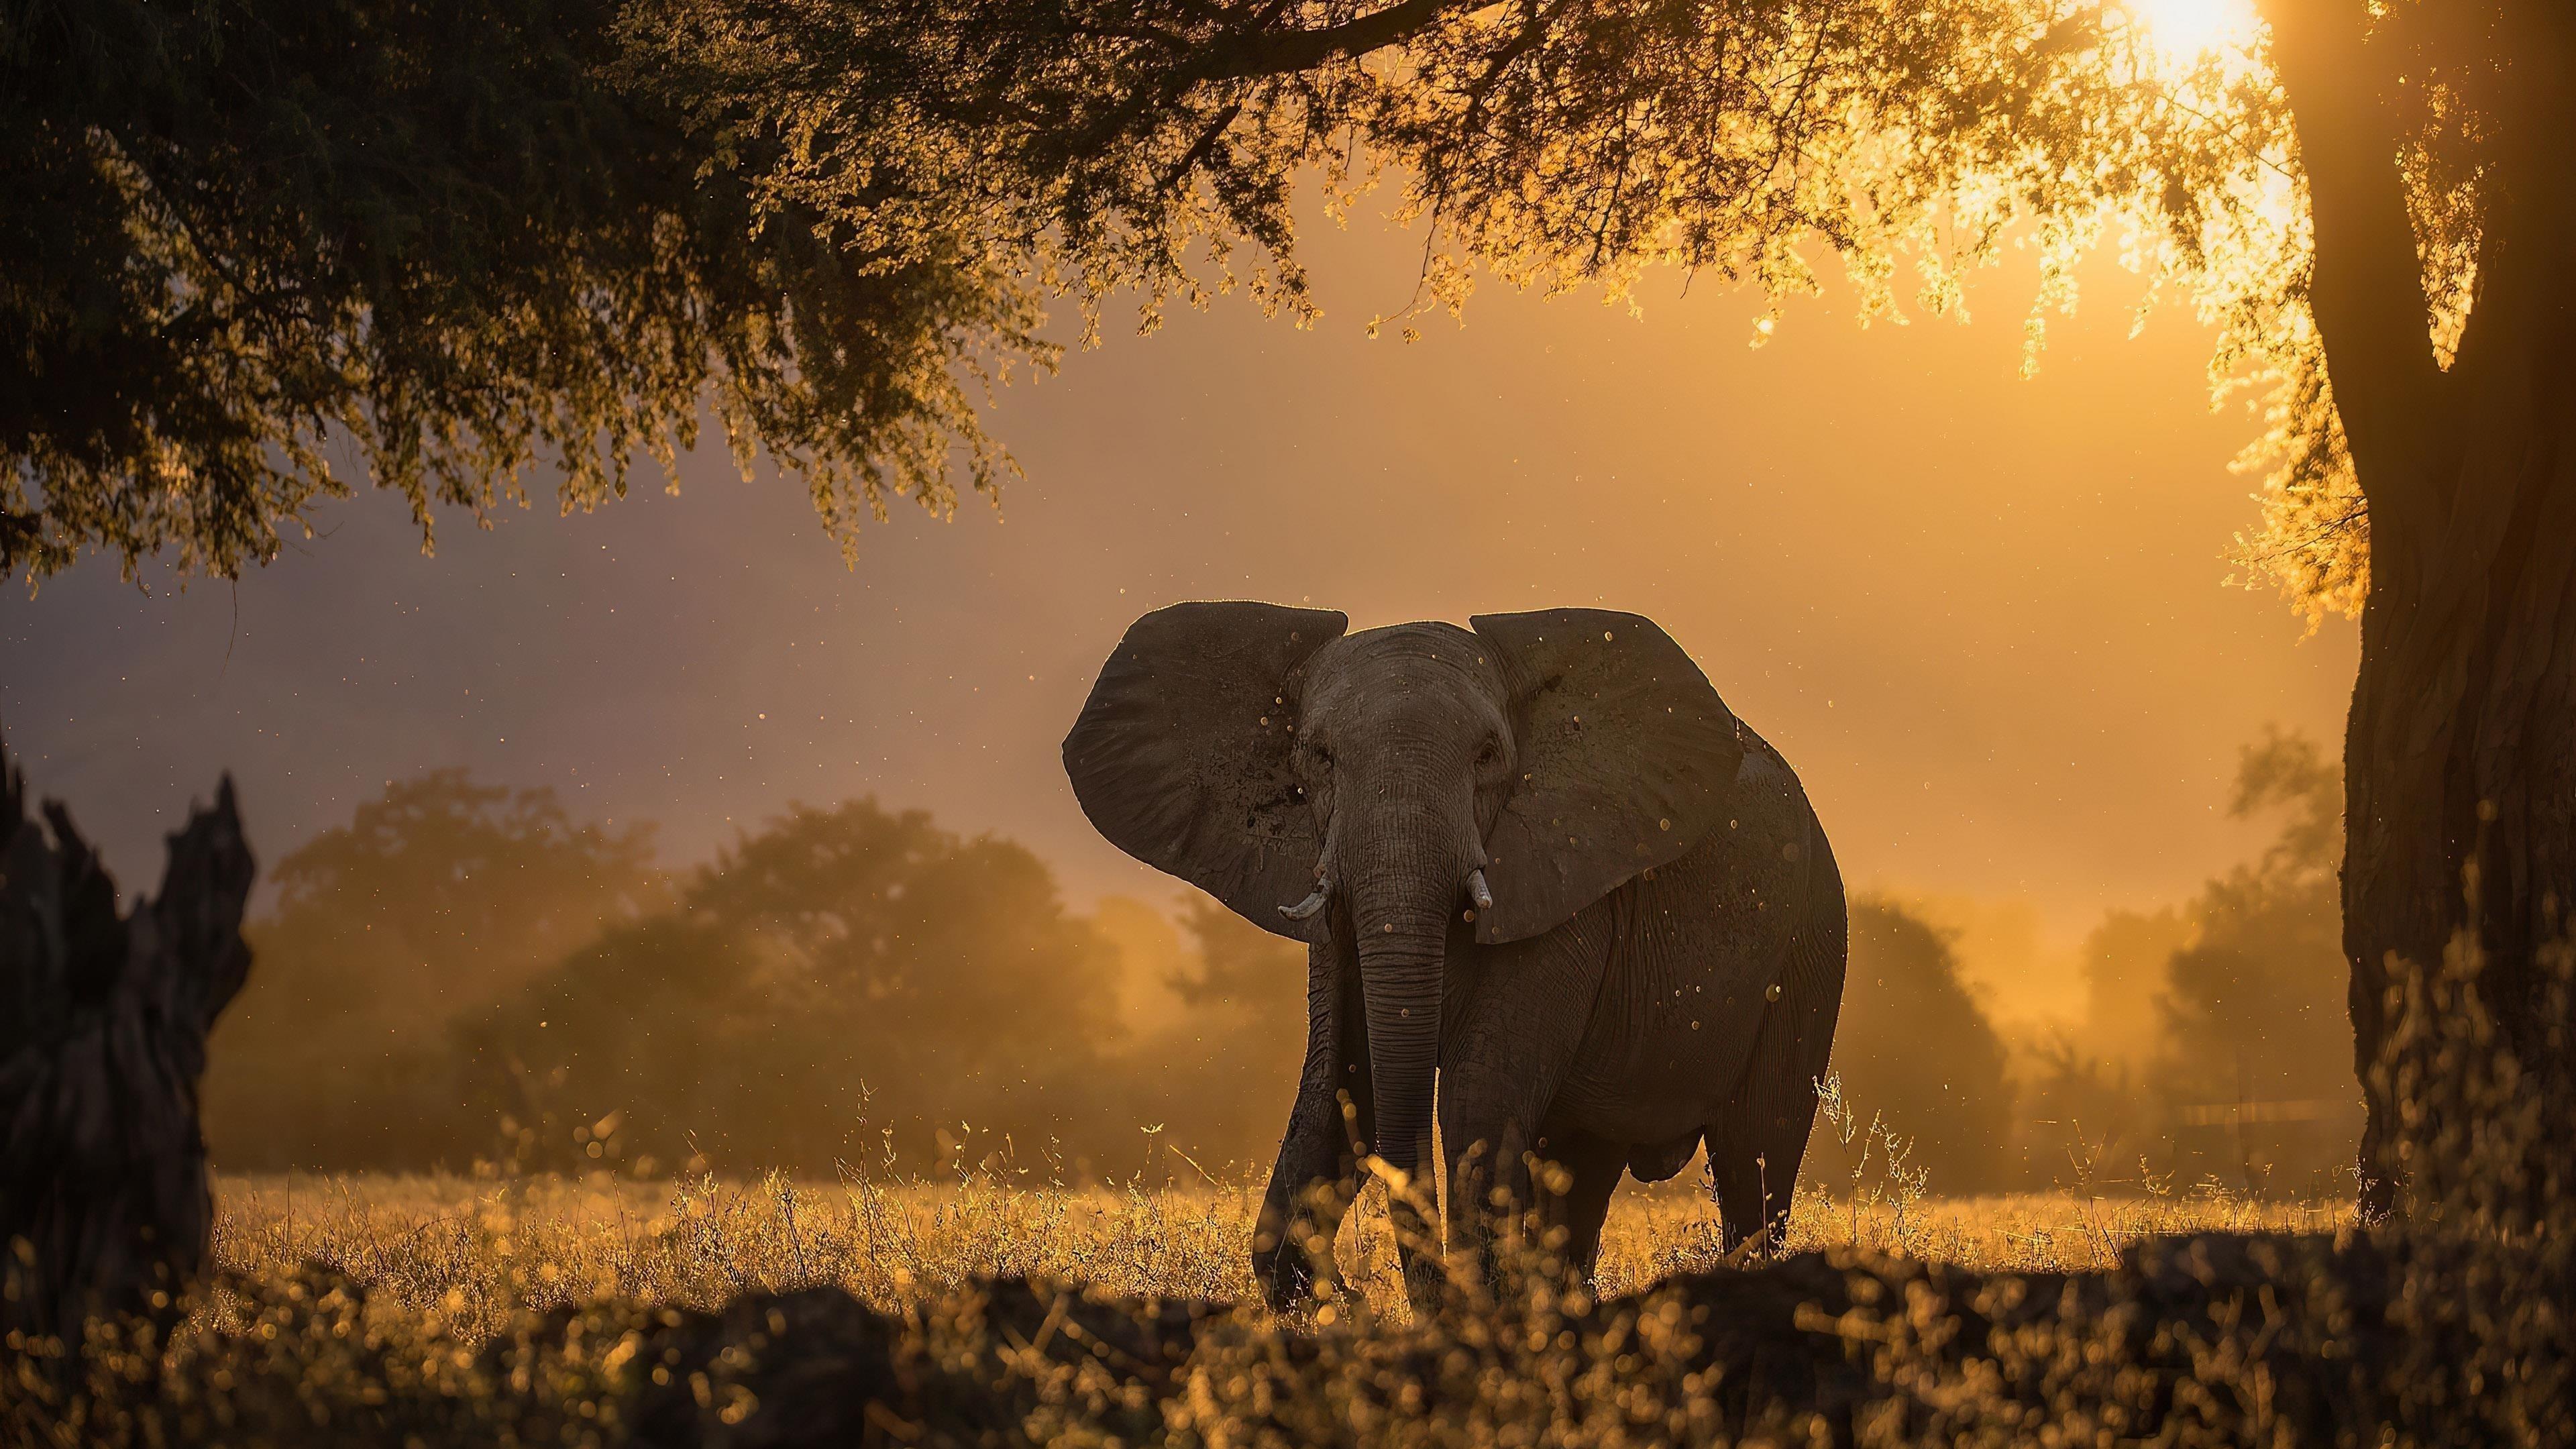 Слон лес солнечные лучи утренние животные обои скачать